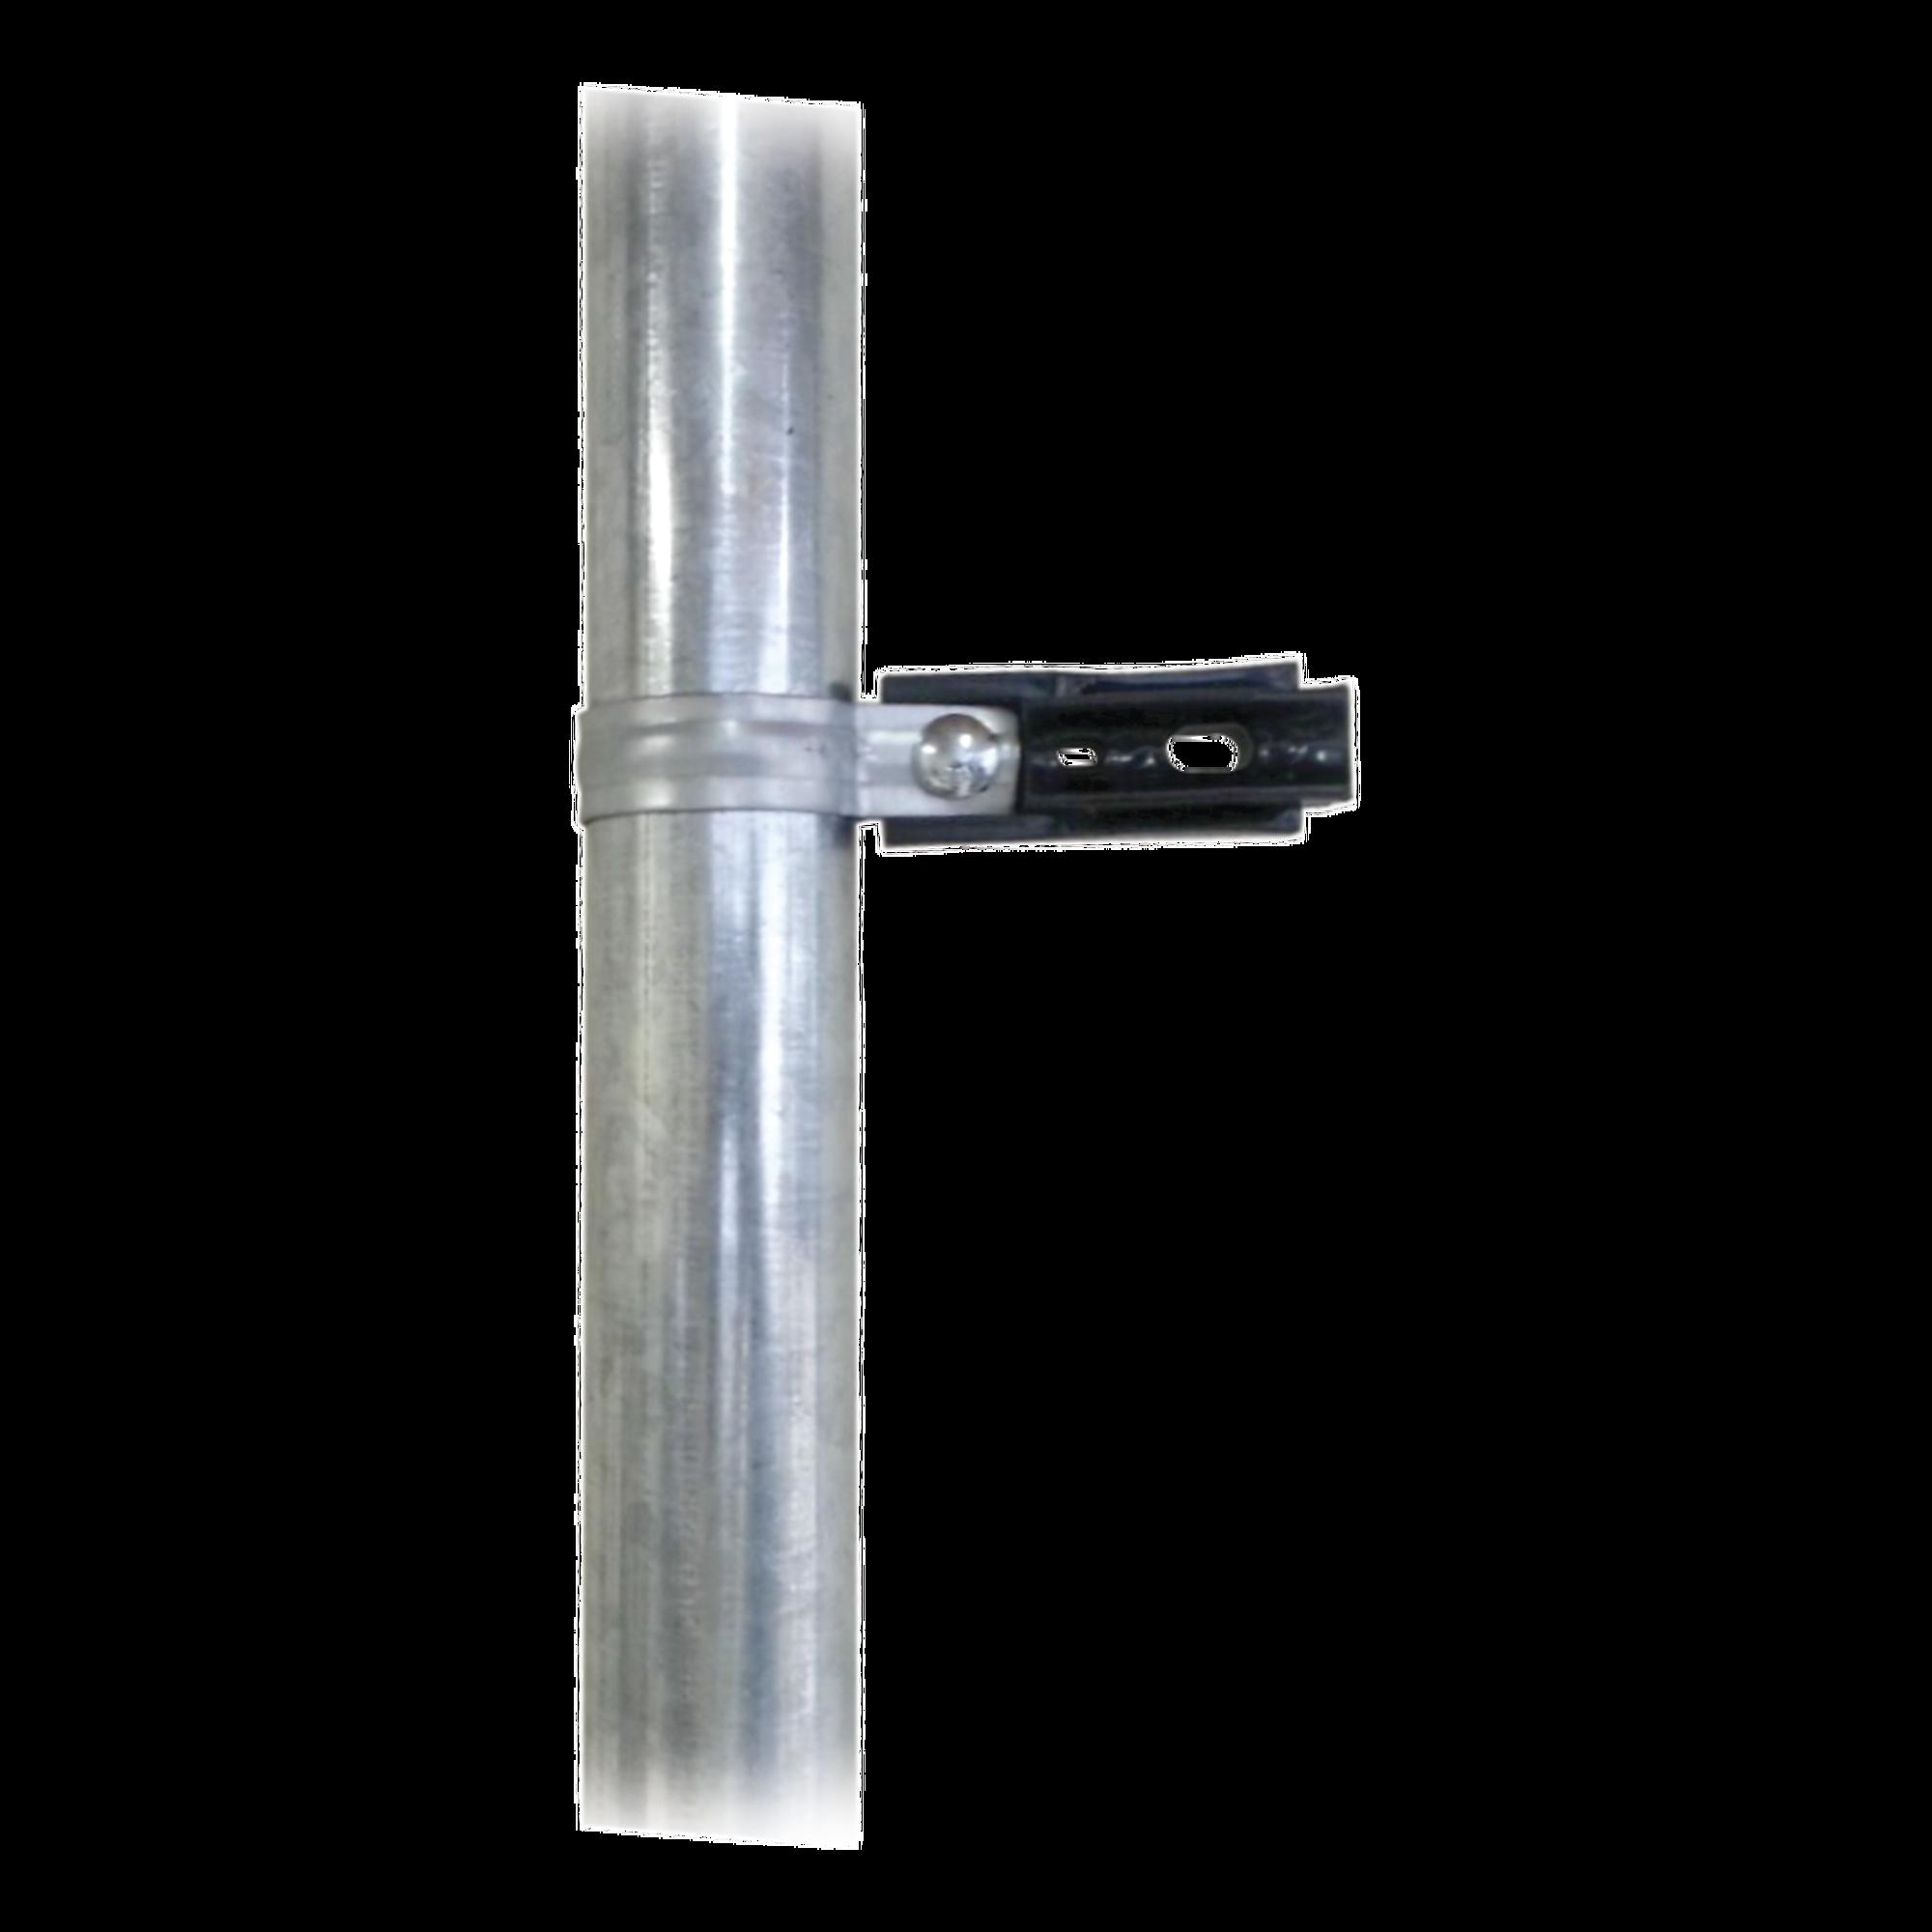 Aislador de paso o esquina con abrazadera incluida de 33-38mm para uso en tubería de malla ciclónica.